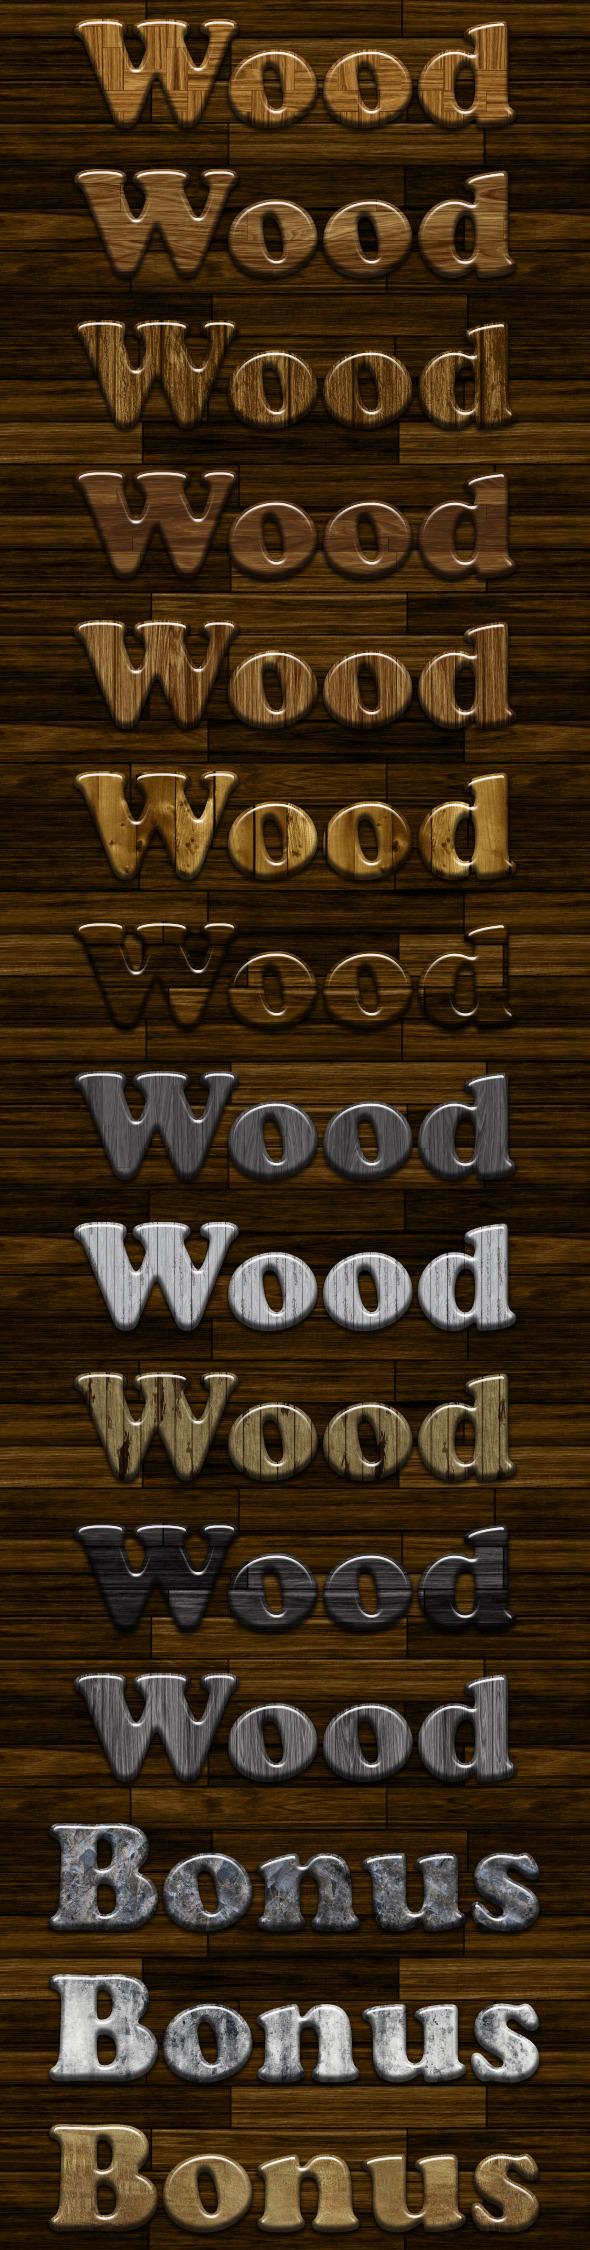 Glossy Wood Photoshop Styles v2